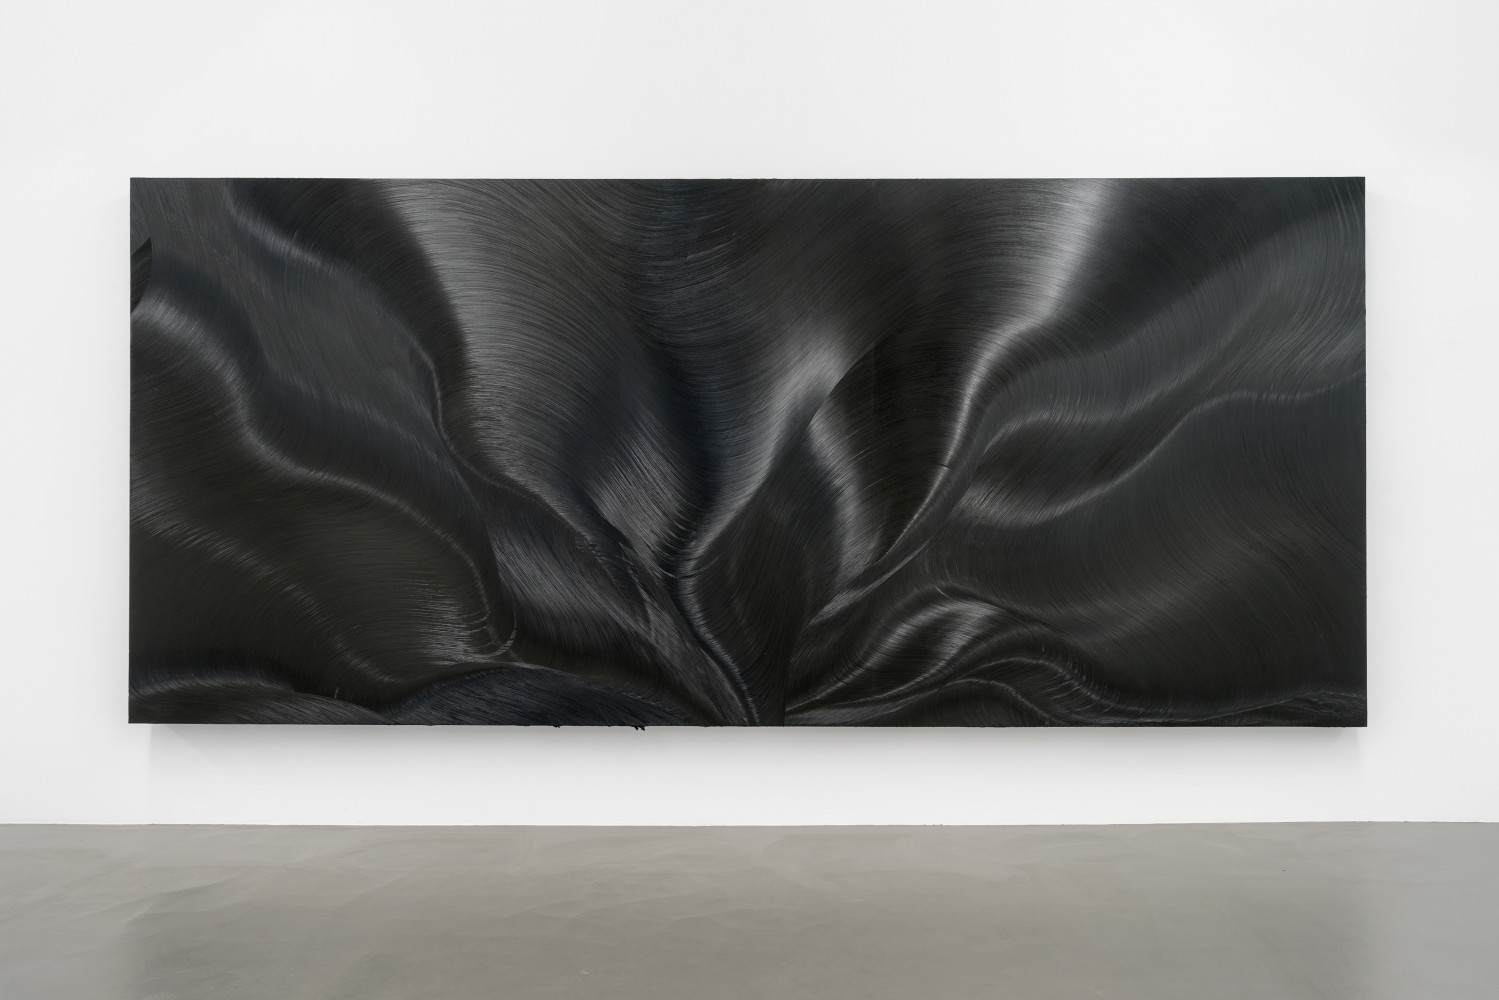 Jason Martin, 'Vertigo', 2006